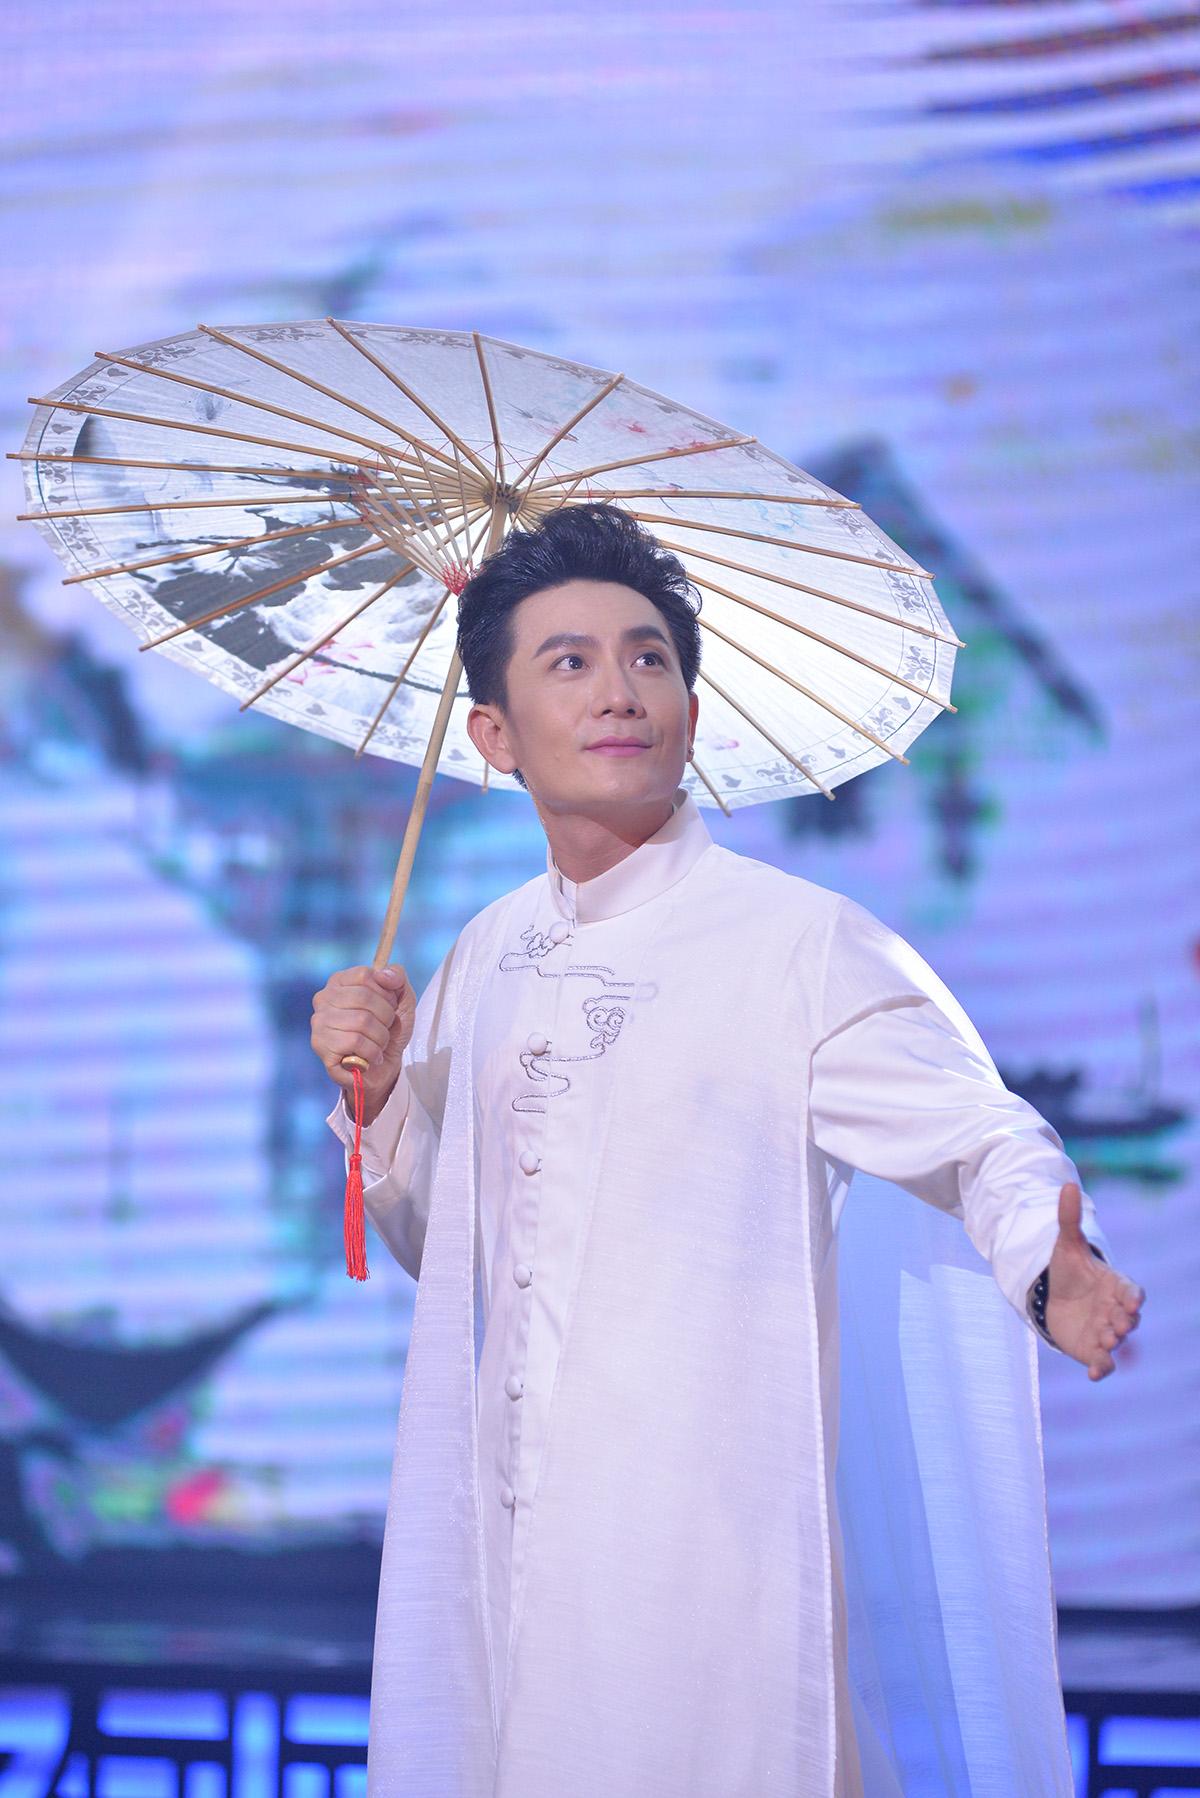 Ca sĩ Hùng Thanh tiếp tục nói không với nhạc trẻ sau tuyên bố chính thức từ giã BTV truyền hình